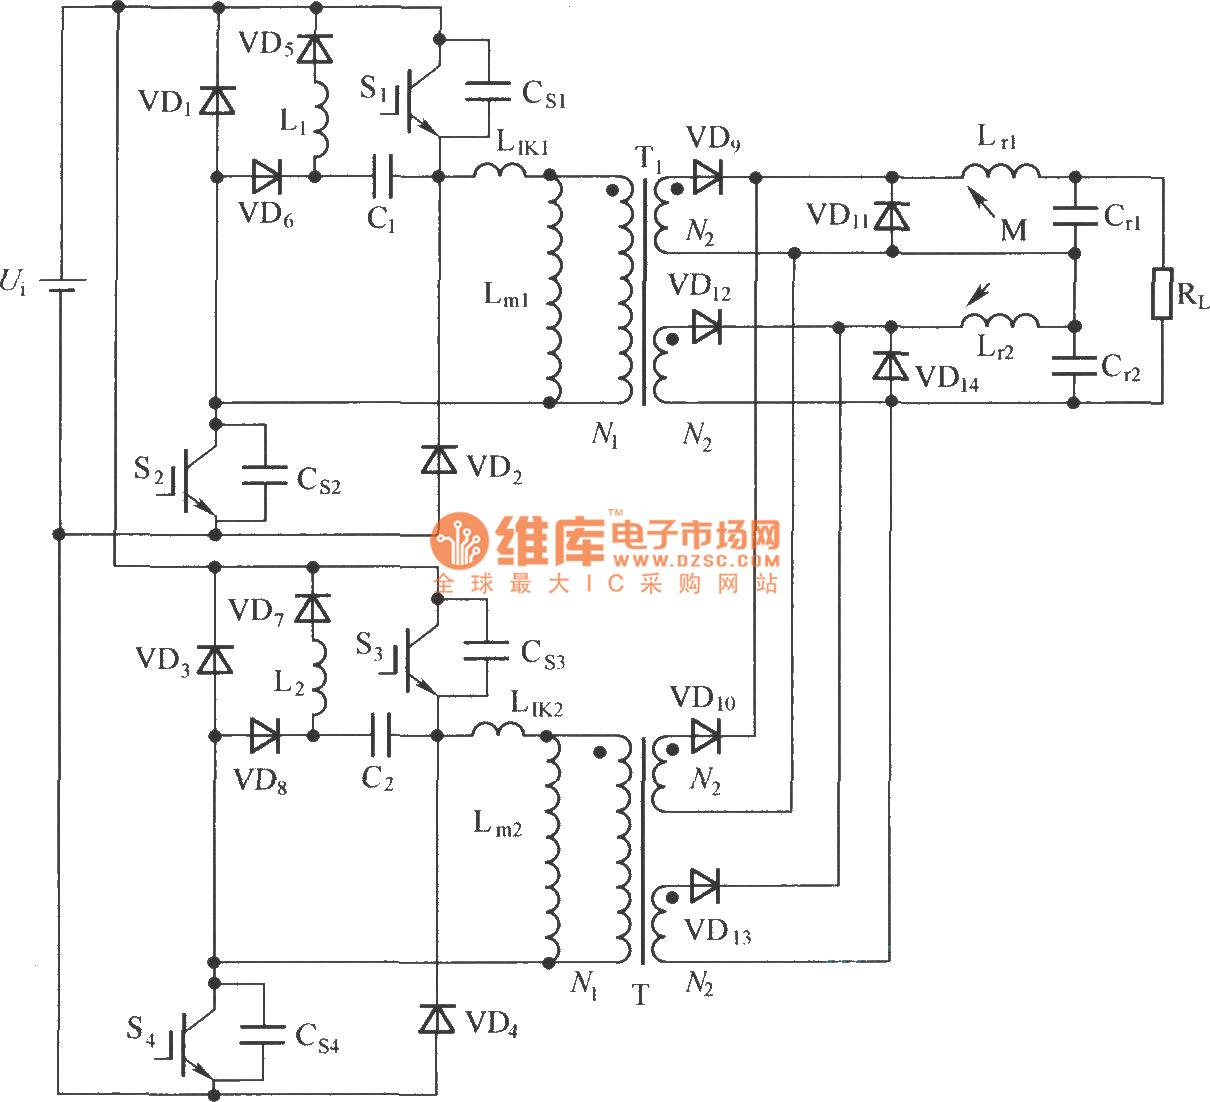 【图】双管正激变换器电路拓扑图IGBT应用电